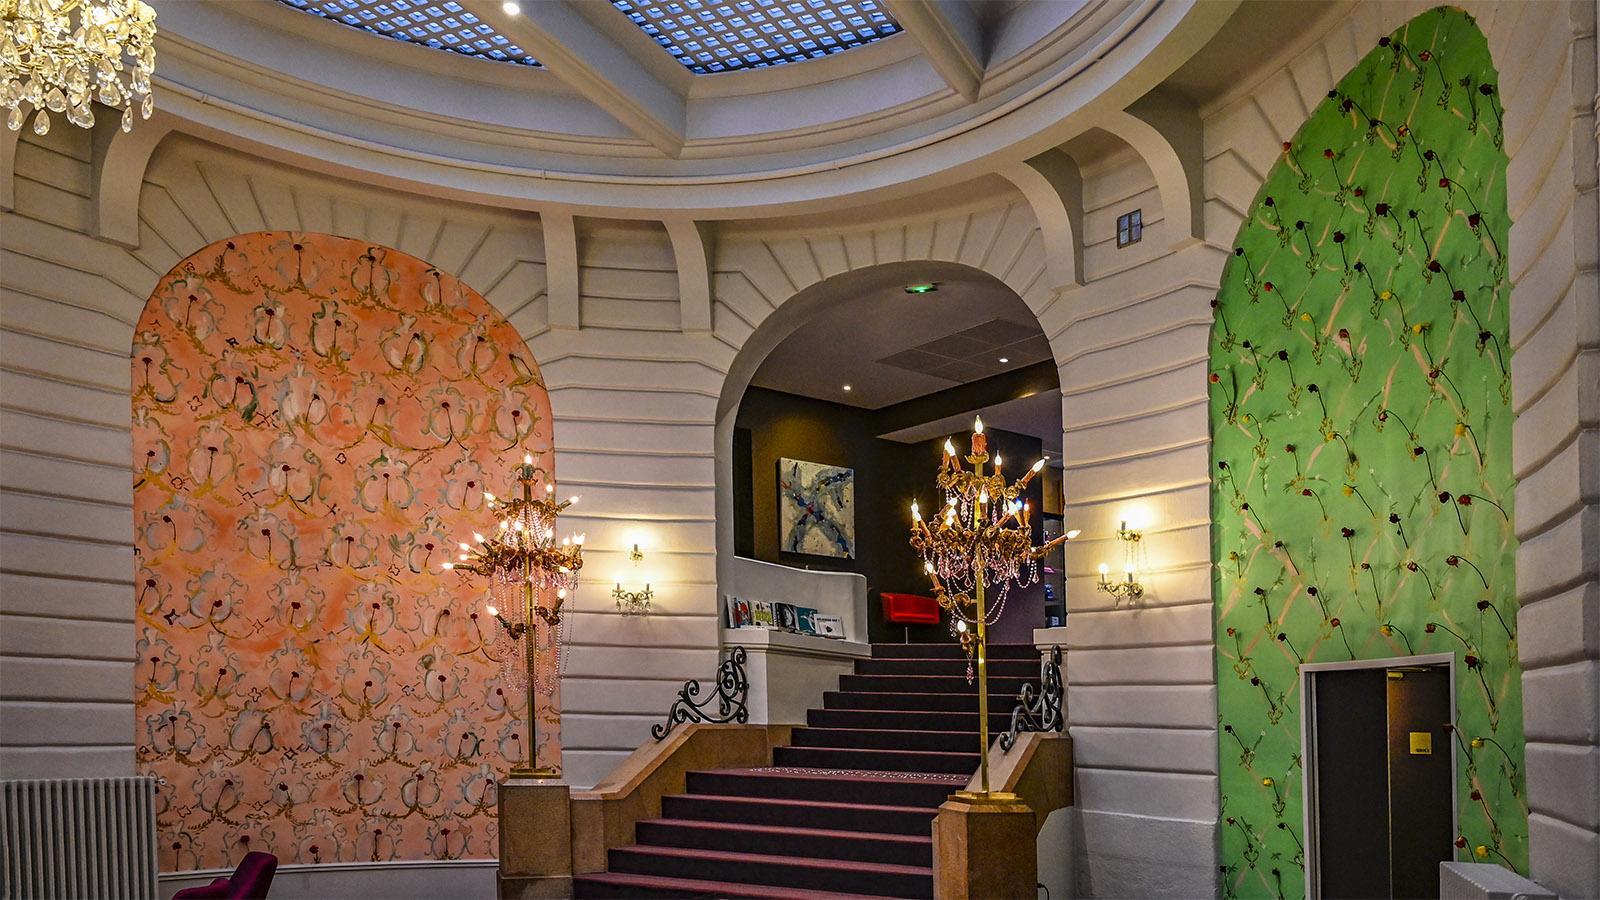 Le Voyage à Nantes: La tentation domestique im Oceania Hotel von Nantes. Foto: Hilke Maunder